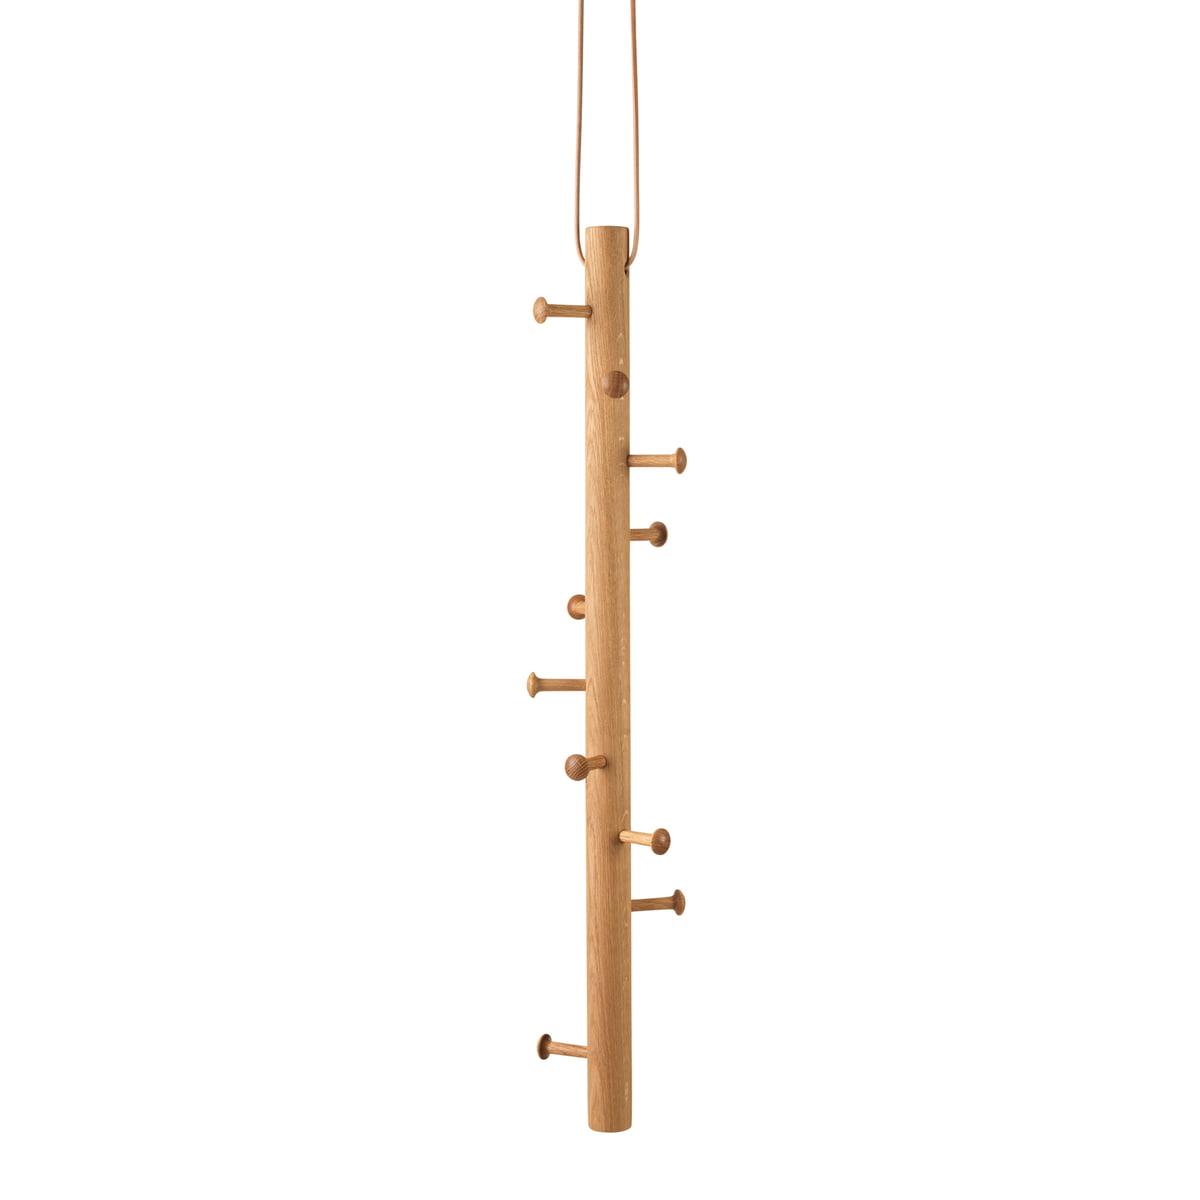 hanging coat rack by copenhanger in the shop - hanging coat rack by copenhanger made of natural oak